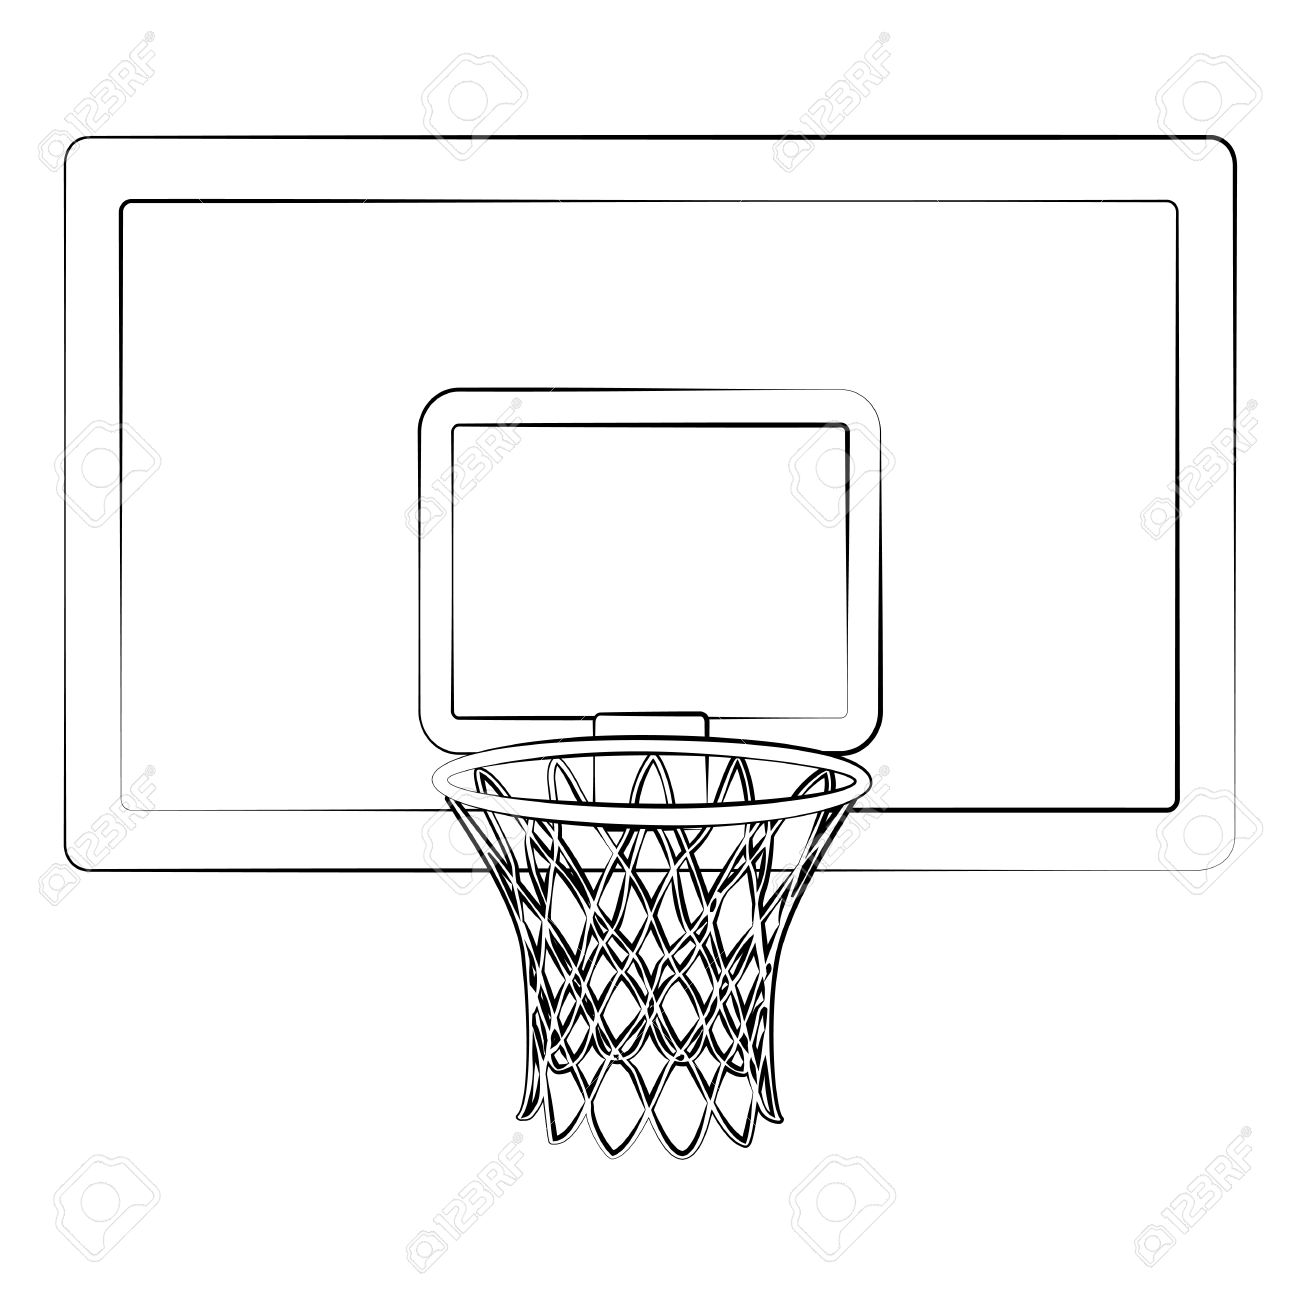 Black outline vector Basketball hoop on white background..